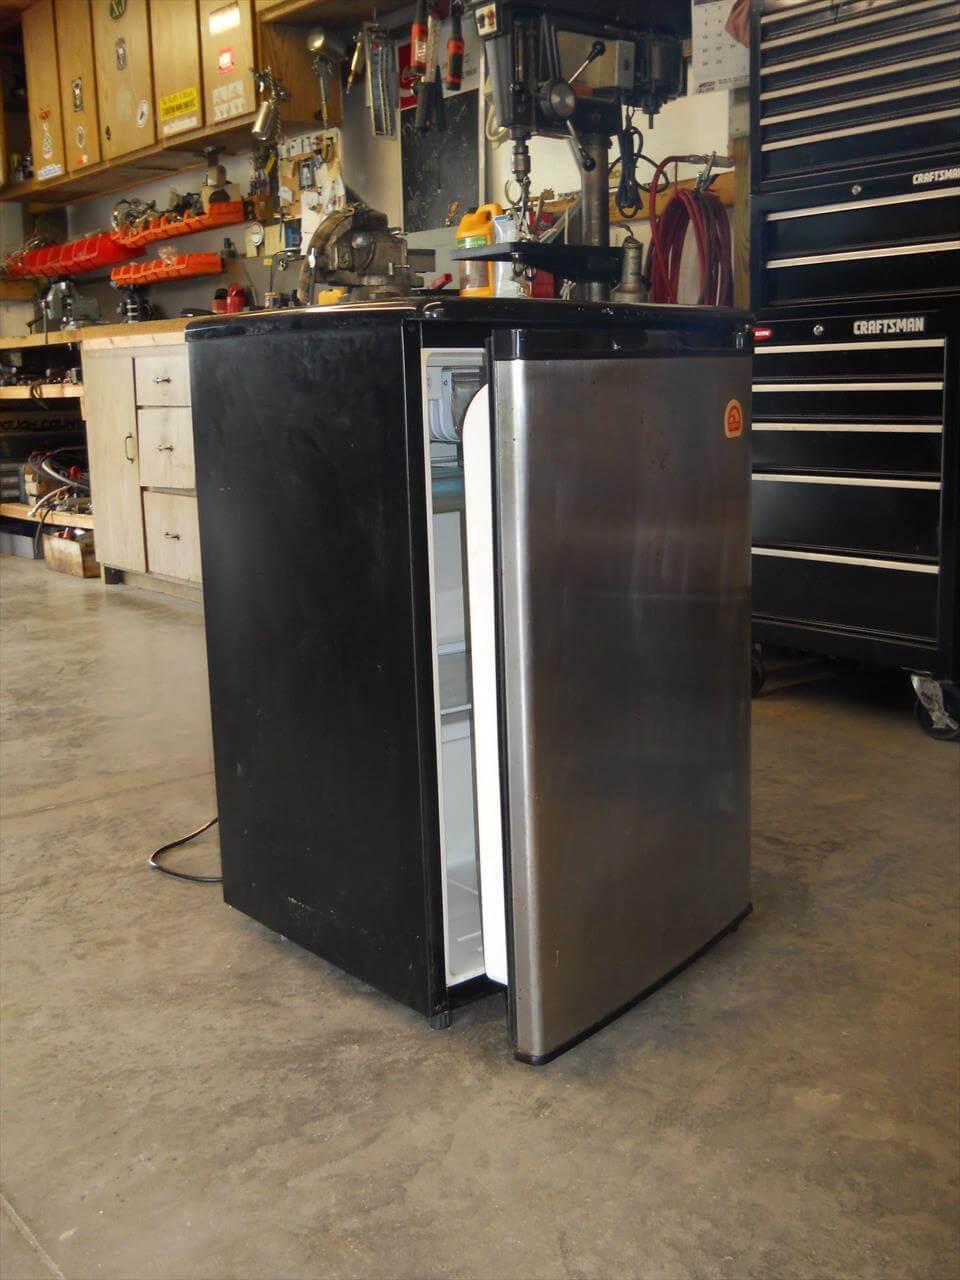 Repurposed fridge